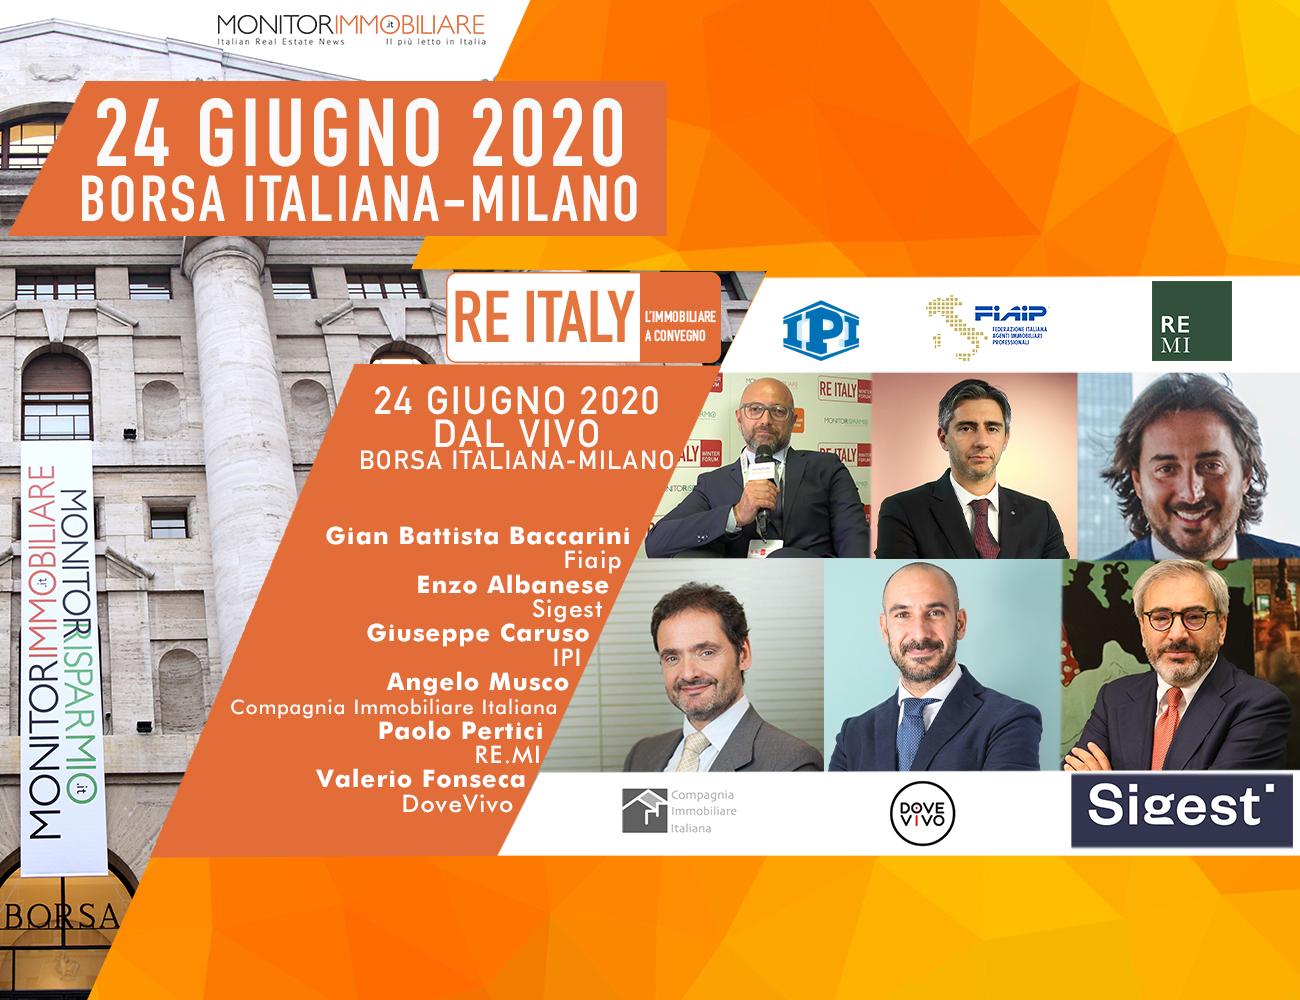 Immobiliare: Fiaip partecipa il 24 Giugno a 'Re Italy Convention Day 2020'